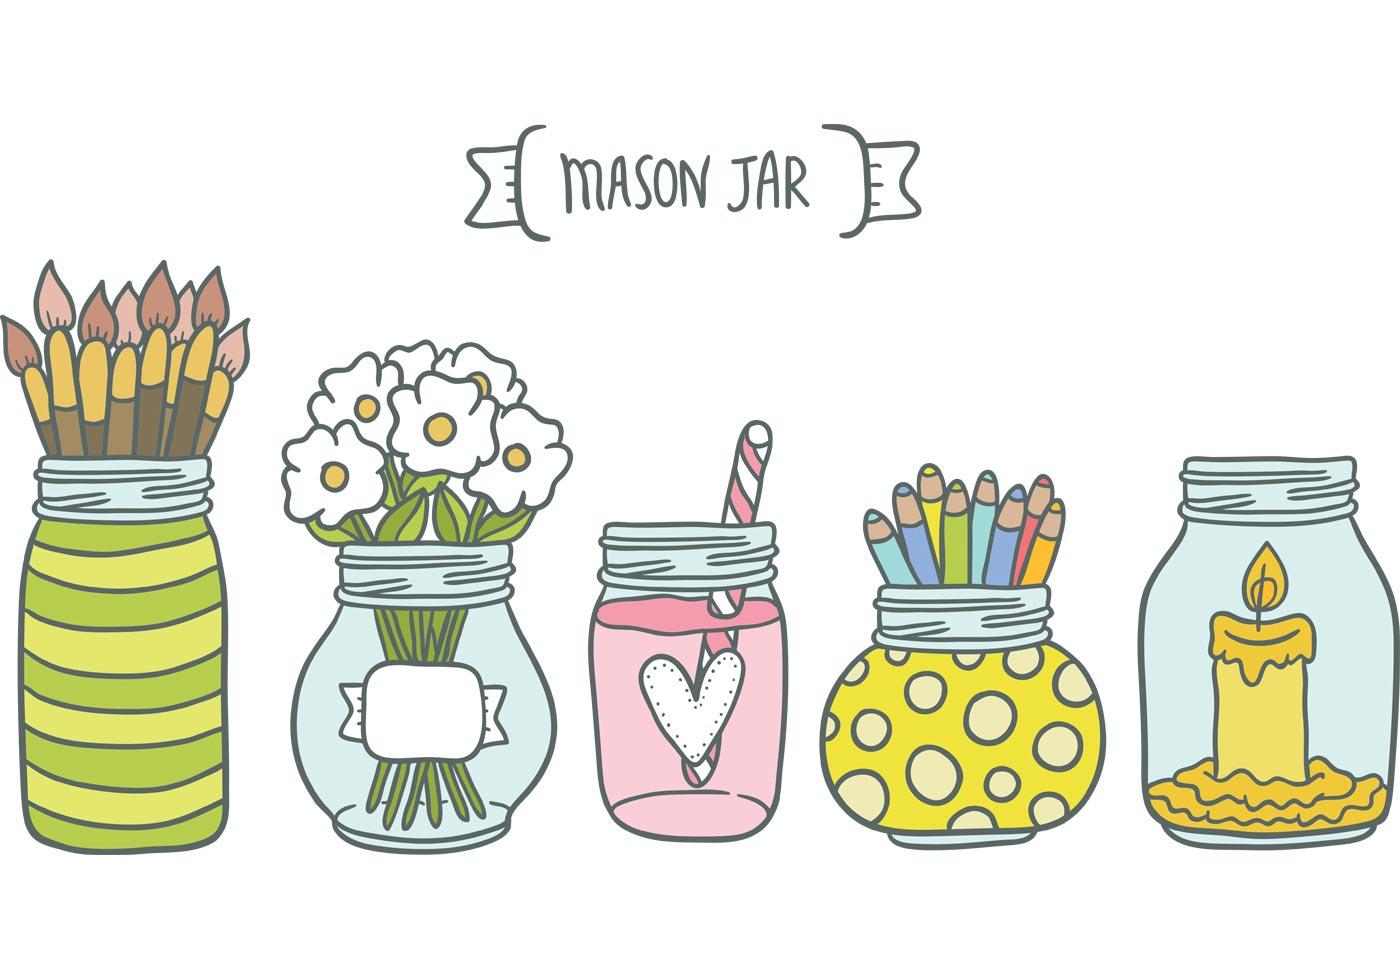 Free Mason Jar Vectors - Download Free Vectors, Clipart ...